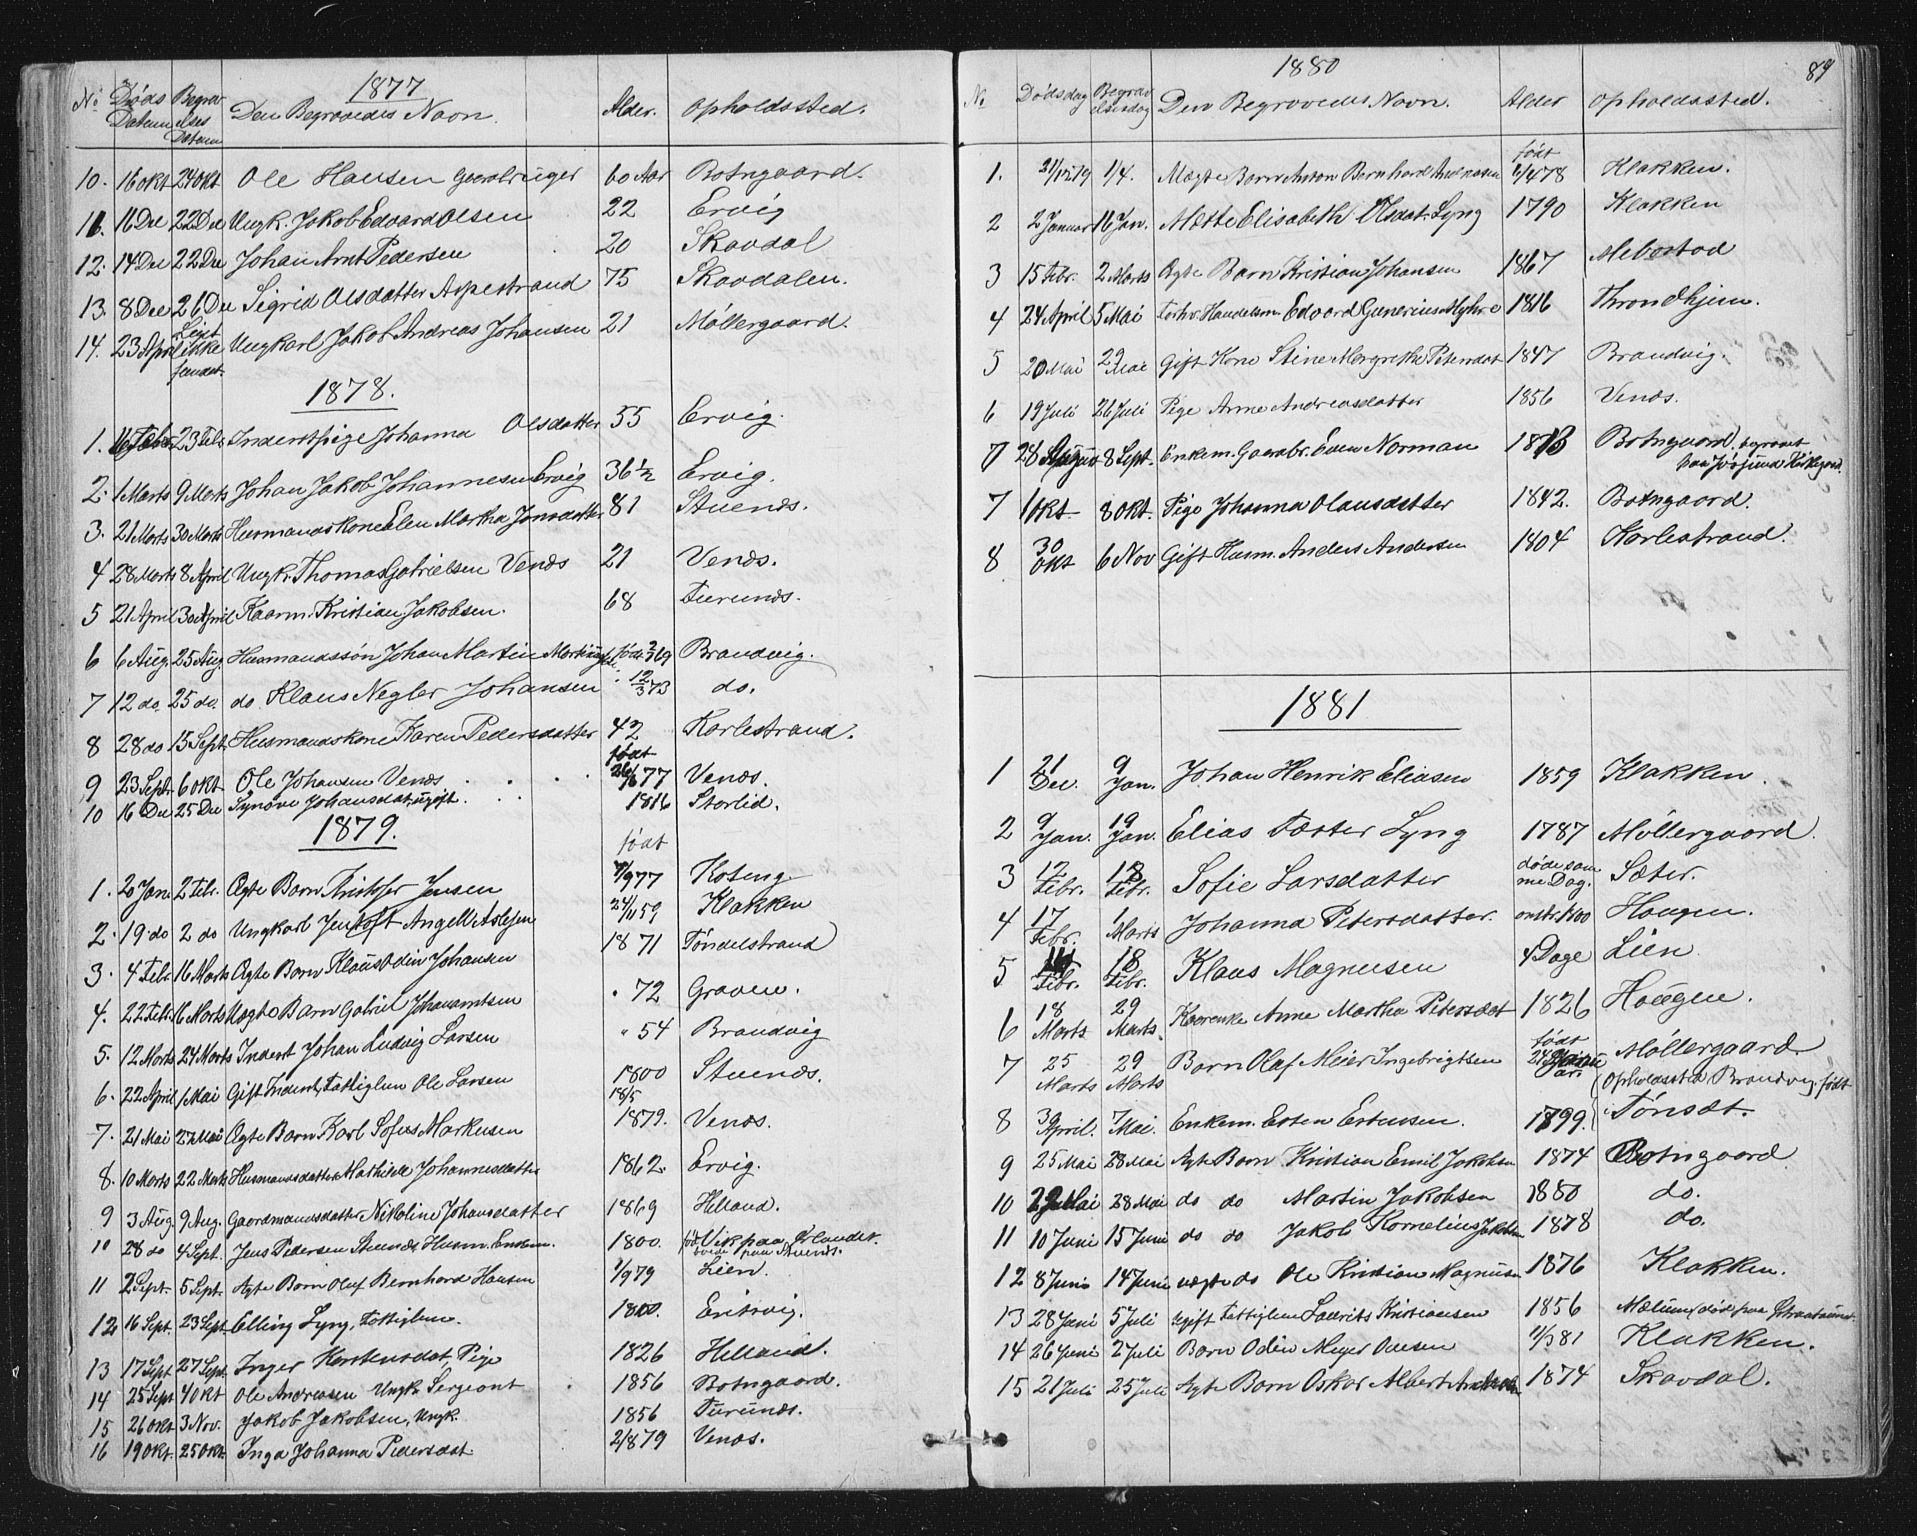 SAT, Ministerialprotokoller, klokkerbøker og fødselsregistre - Sør-Trøndelag, 651/L0647: Klokkerbok nr. 651C01, 1866-1914, s. 89